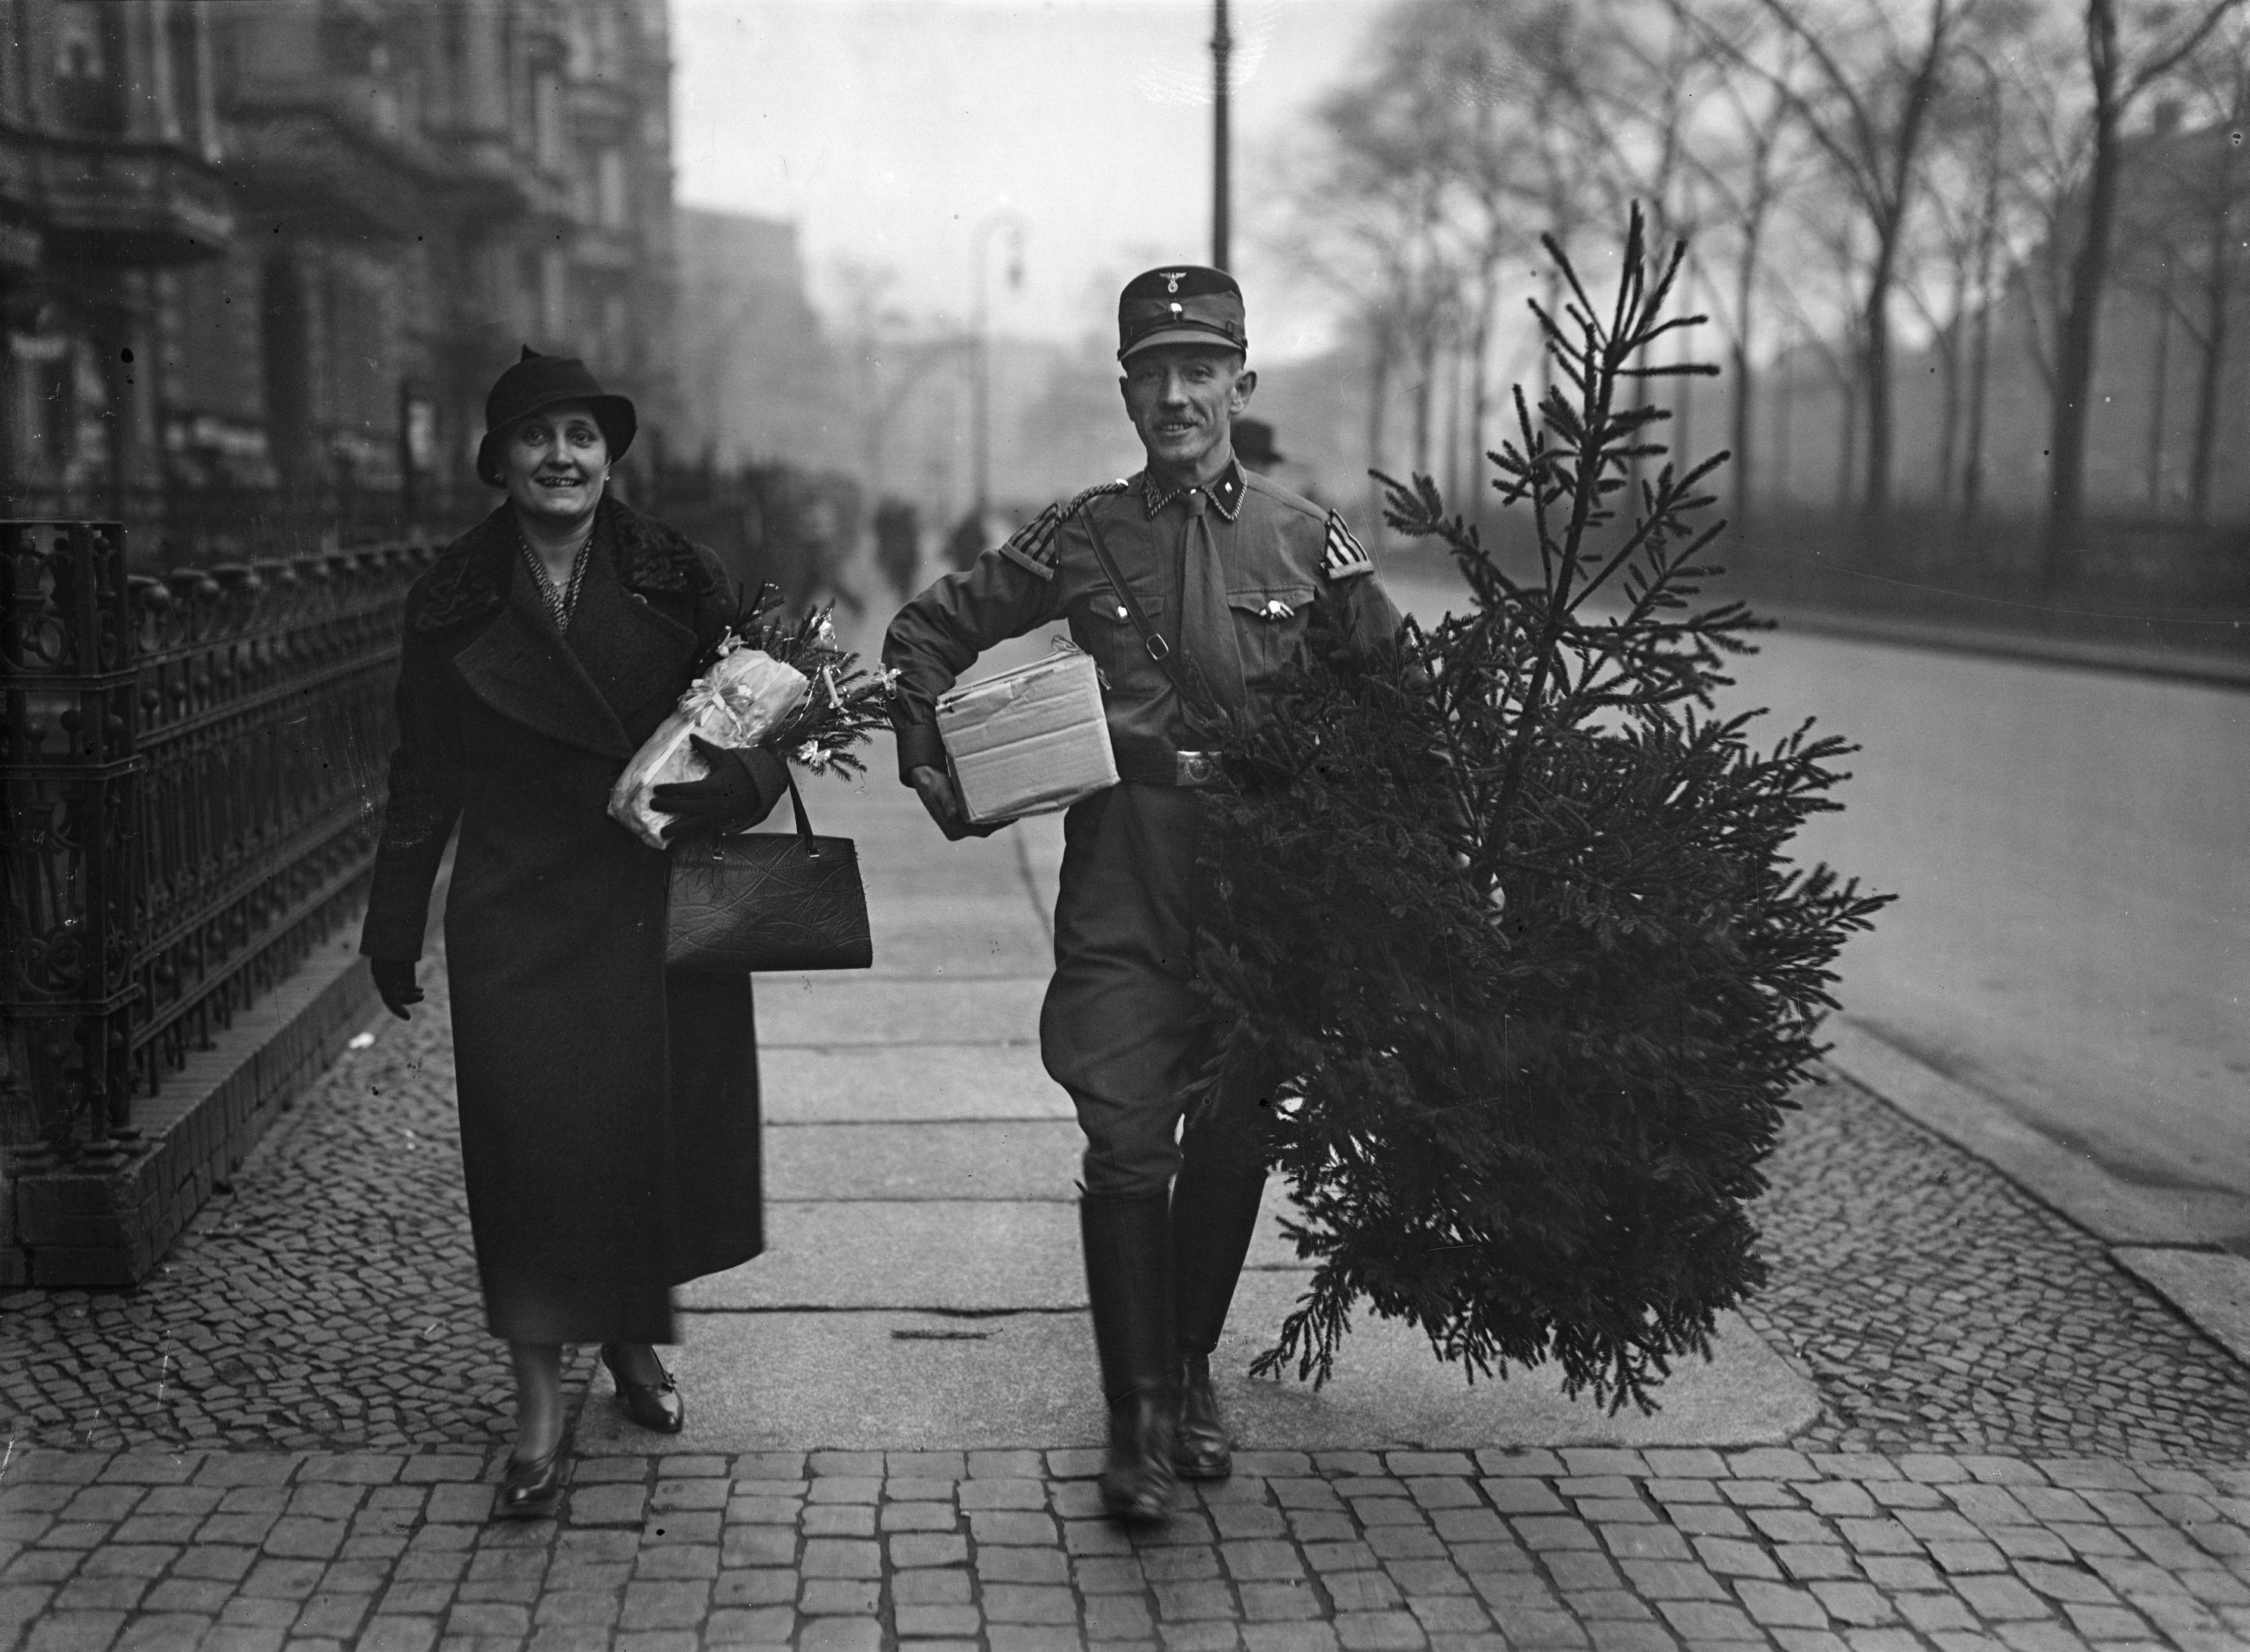 Weihnachten Hakenkreuz